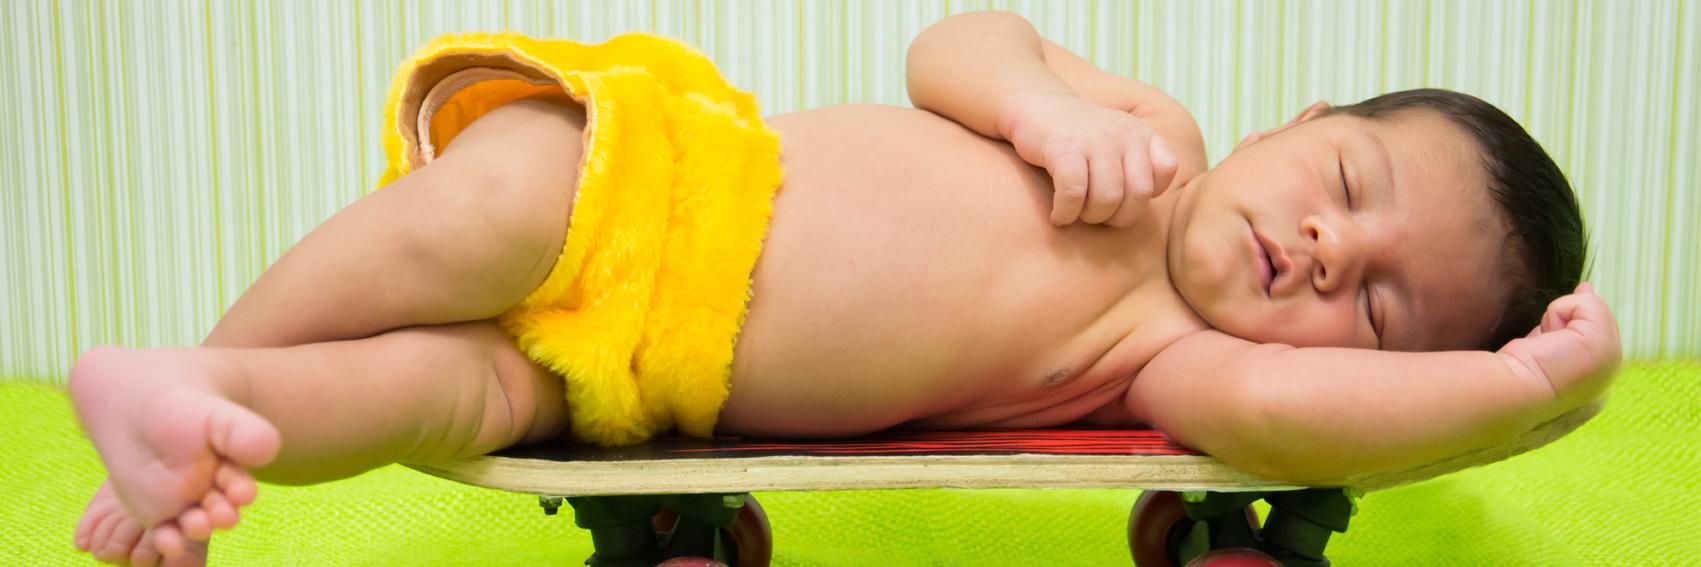 fotografia-gestacao-niteroi-filmagens-newborn-niteroi-tela-1